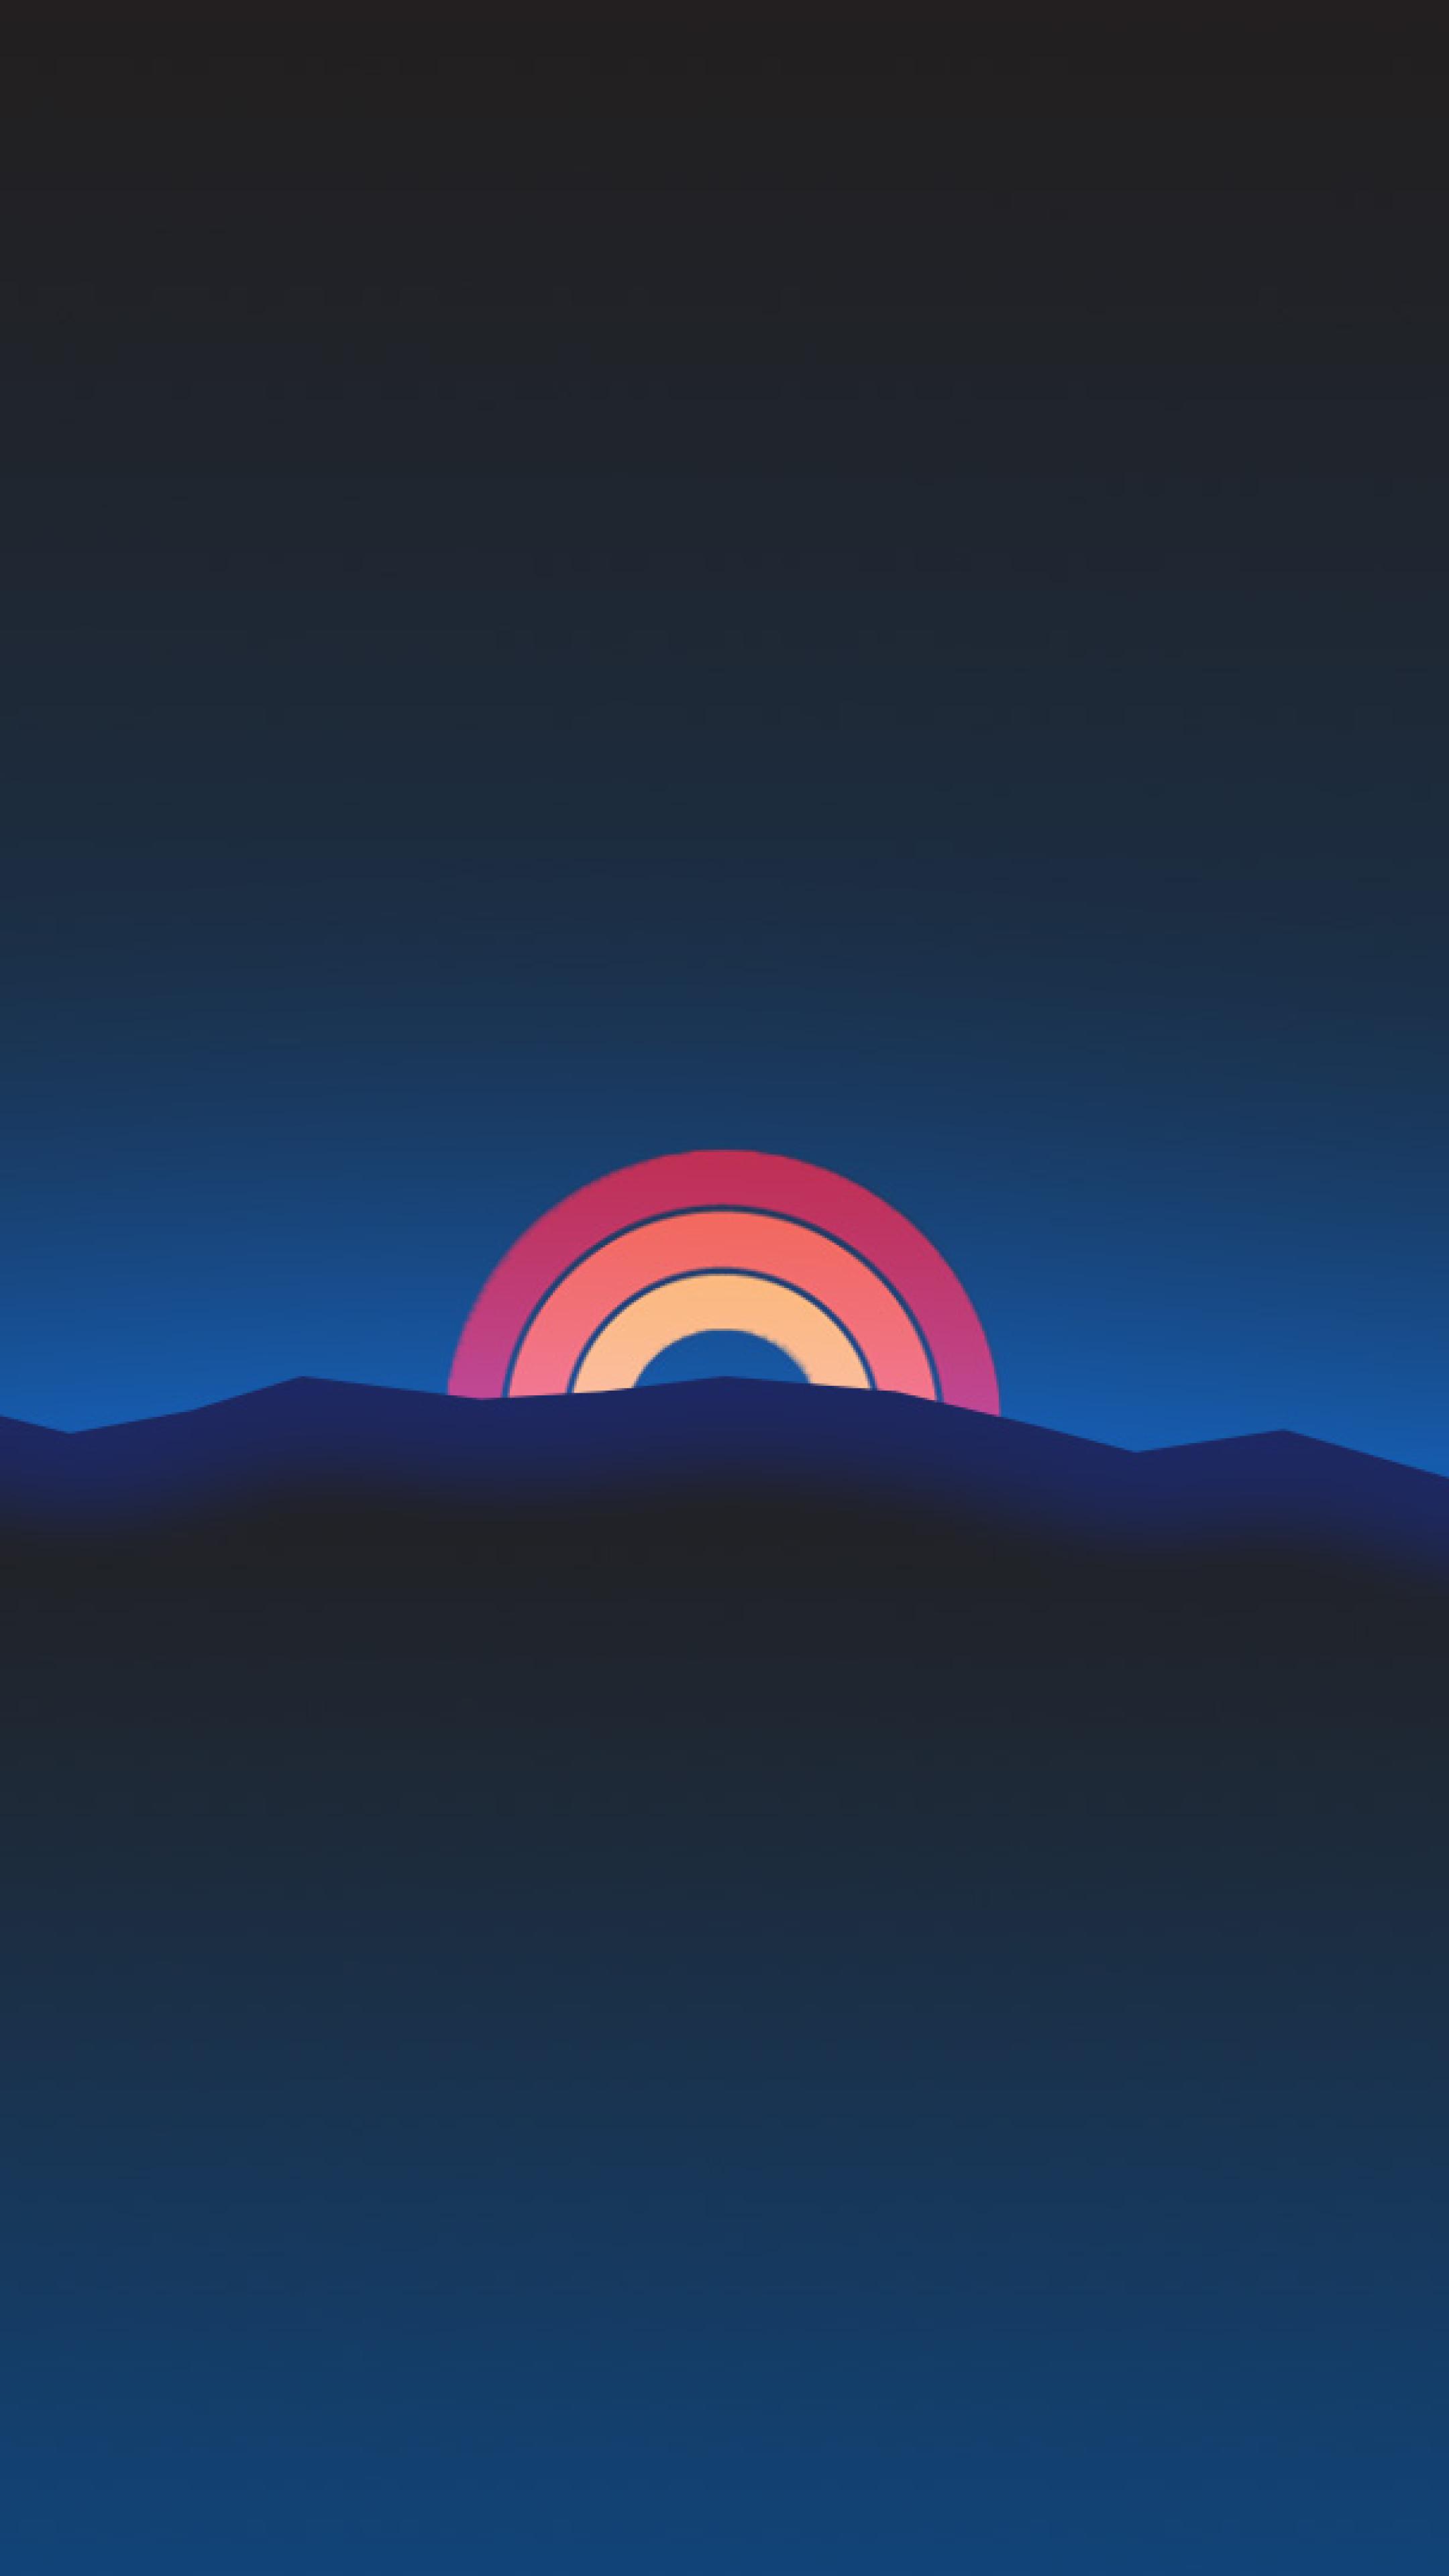 Neon Sunset Rainbow Minimal Retro Style Full Hd 2k Wallpaper